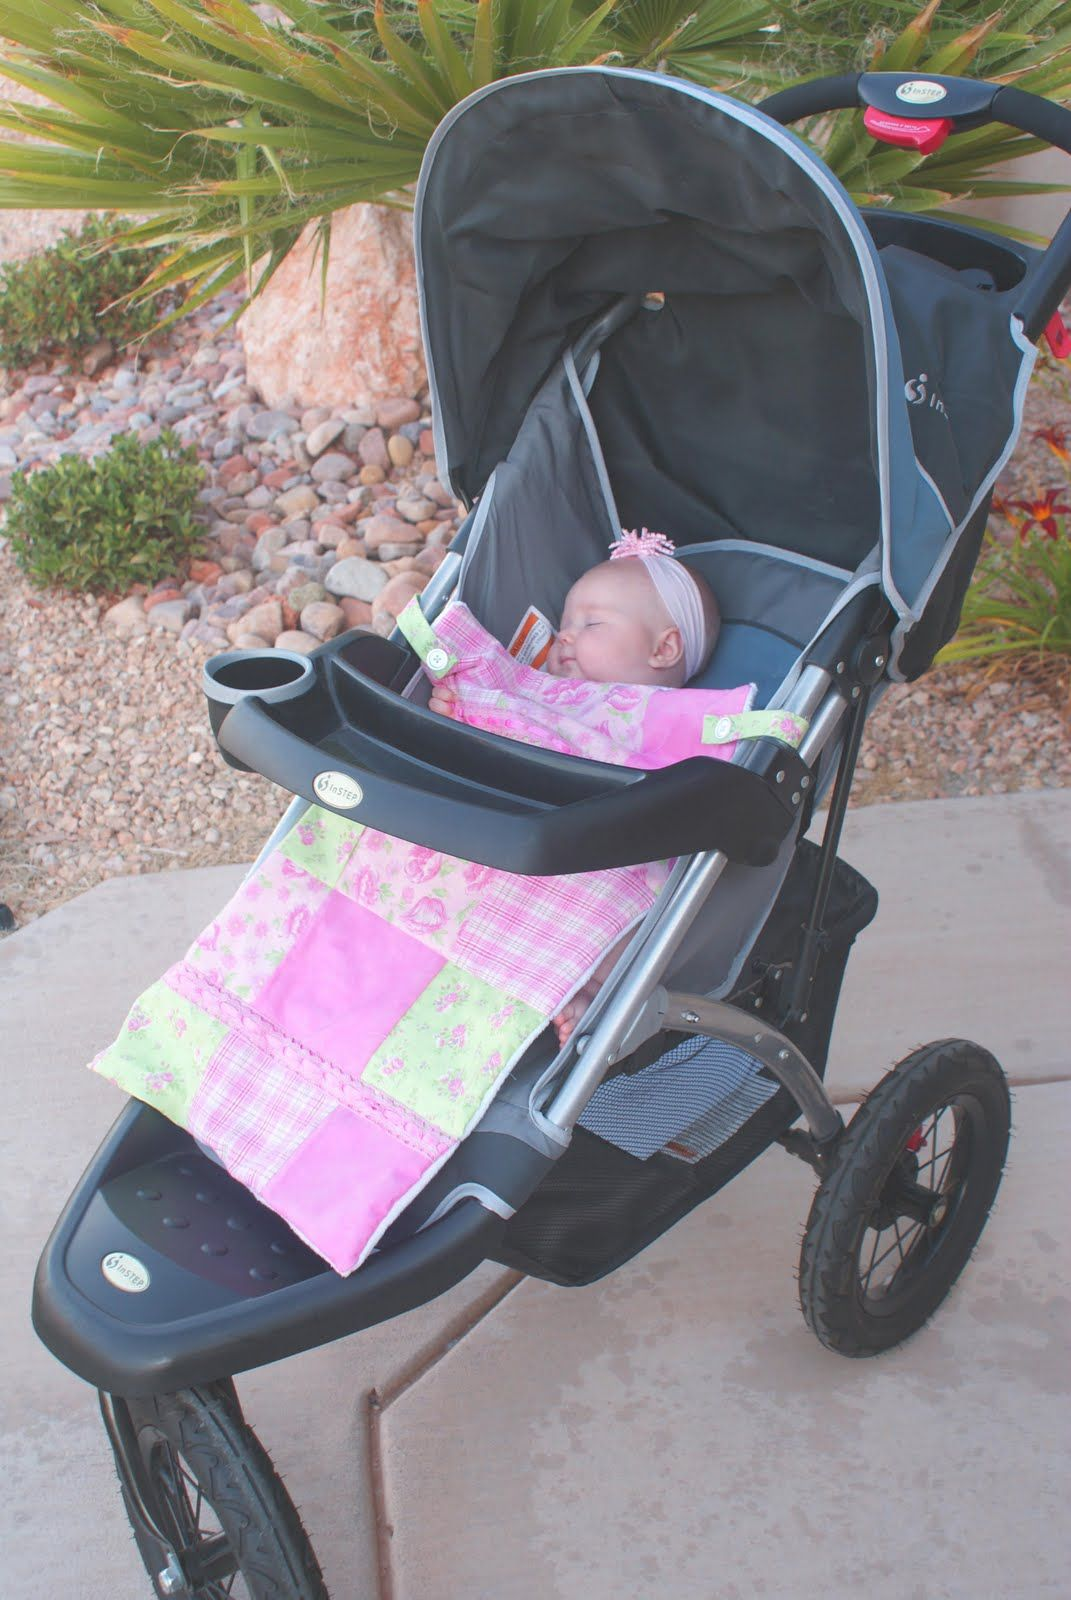 47+ Toddler jogging stroller blanket ideas